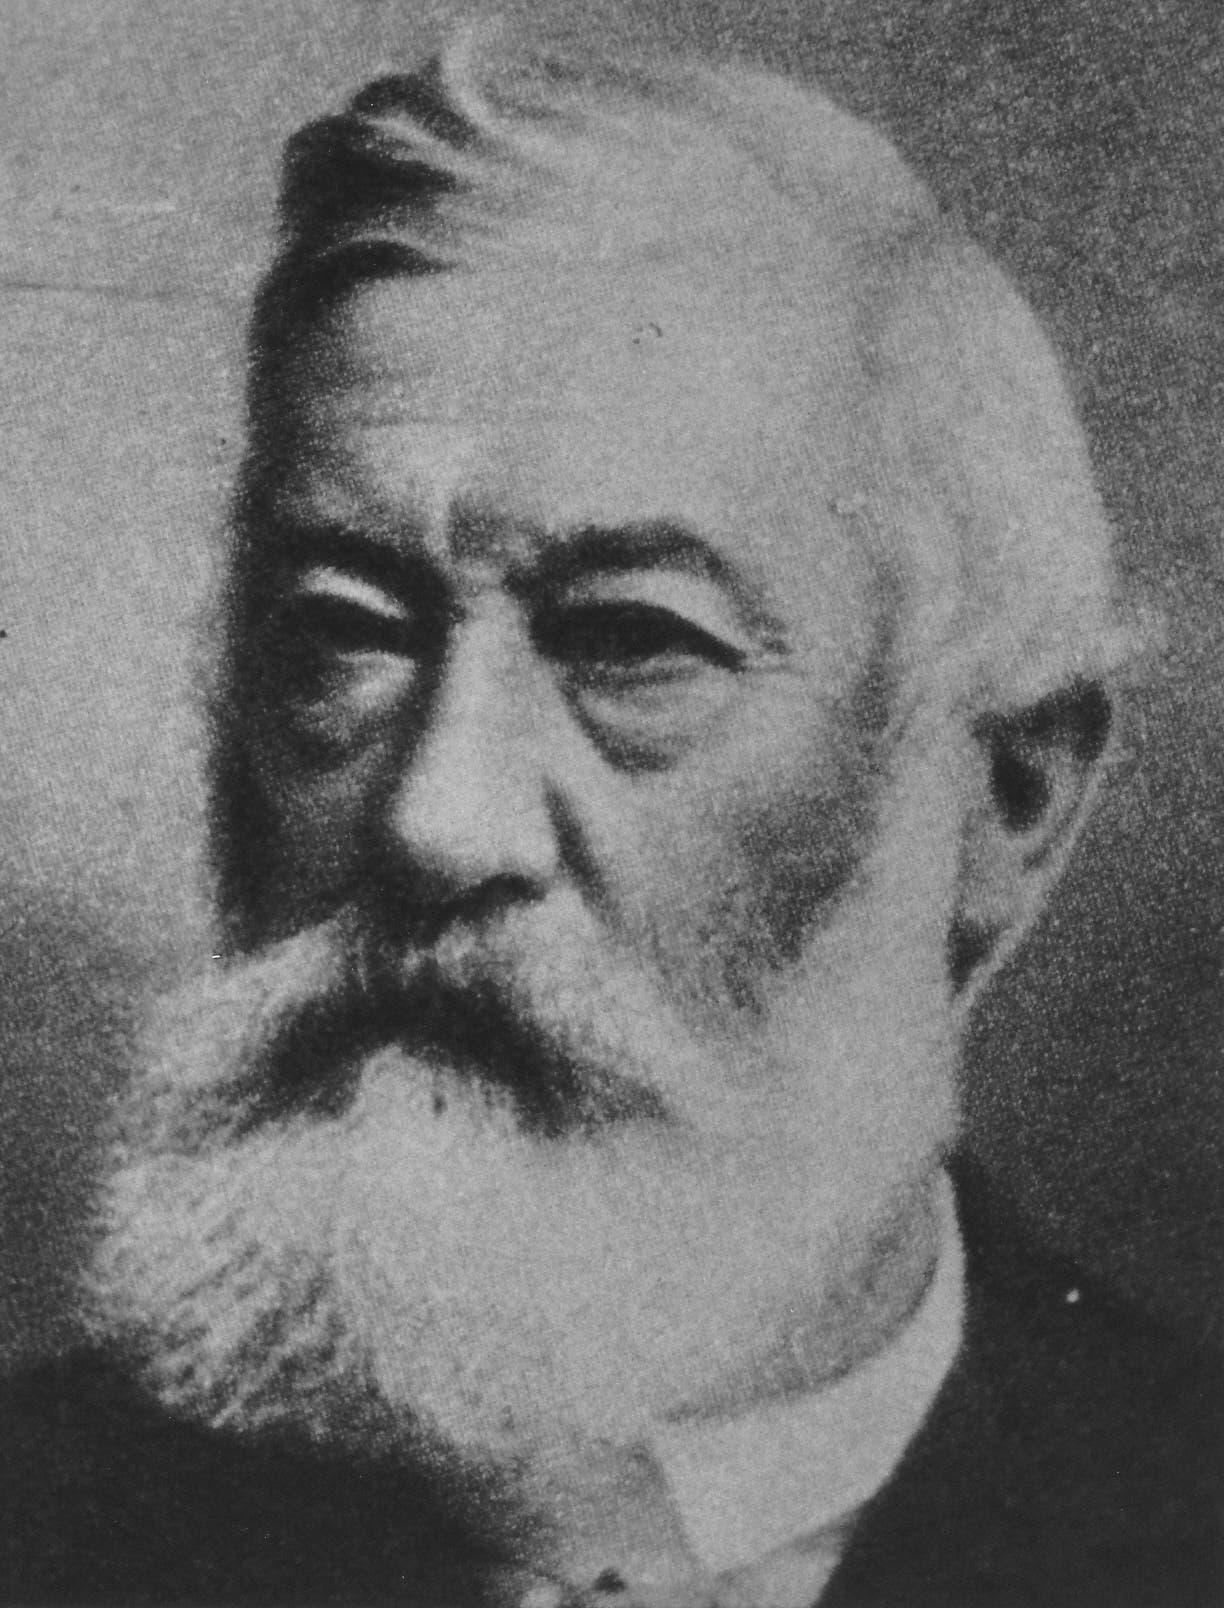 Der Entlebucher Joseph Zemp (1834-1908) war zwischen 1891 und 1908 Bundesrat – als erster Vertreter der Katholisch-Konservativen, der heutigen CVP. Auf ihn folgten sechs weitere Zentralschweizer CVP-Politiker. (Bild: PD)